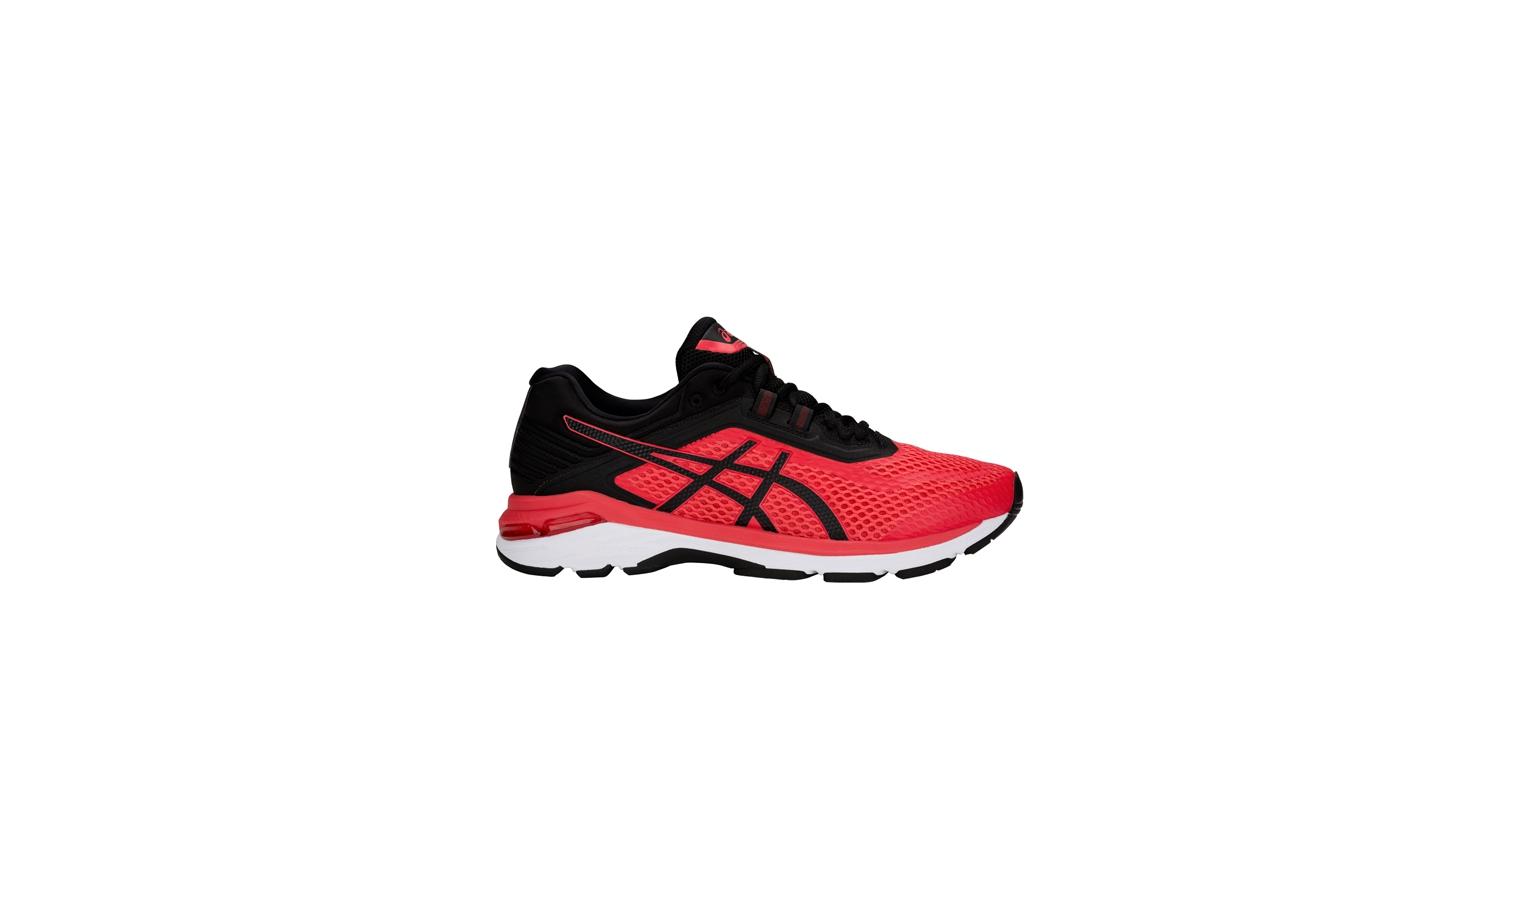 Pánské běžecké boty Asics GT-2000 6 červené  cbb1215e57